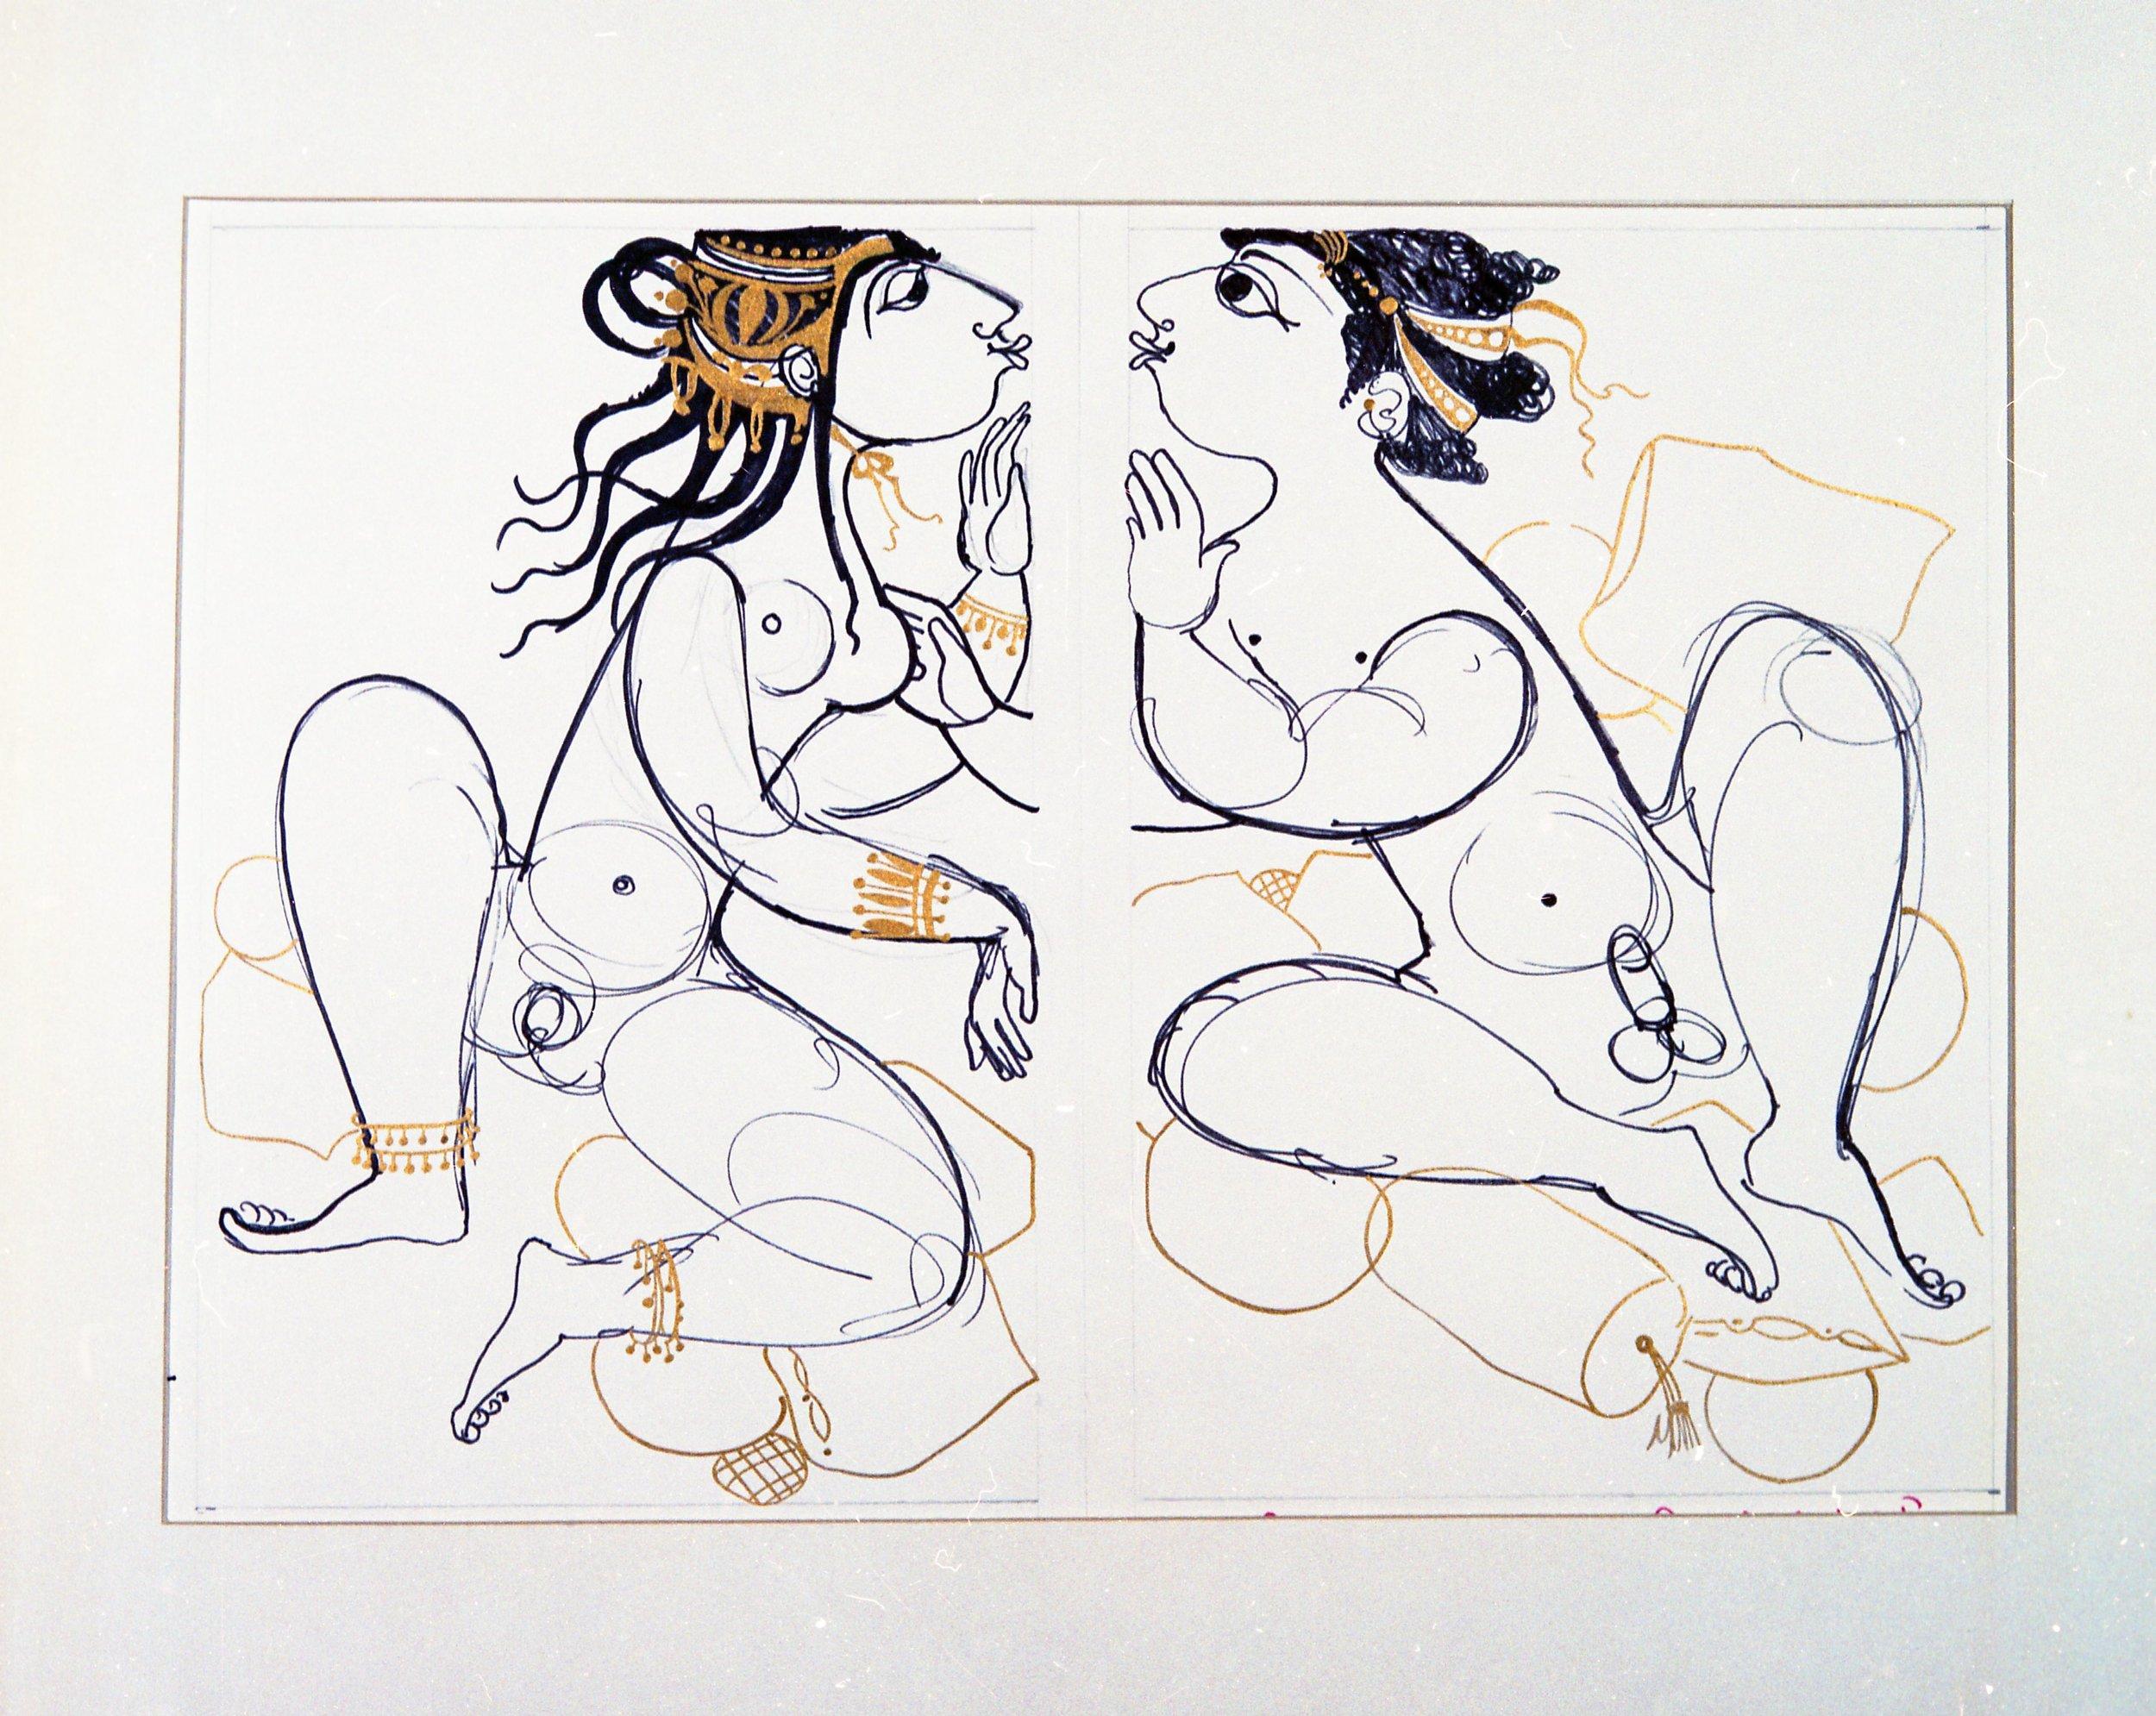 Problemfri erotik i Wiinblads illustrationer til 1001 nat fra 1960'erne.